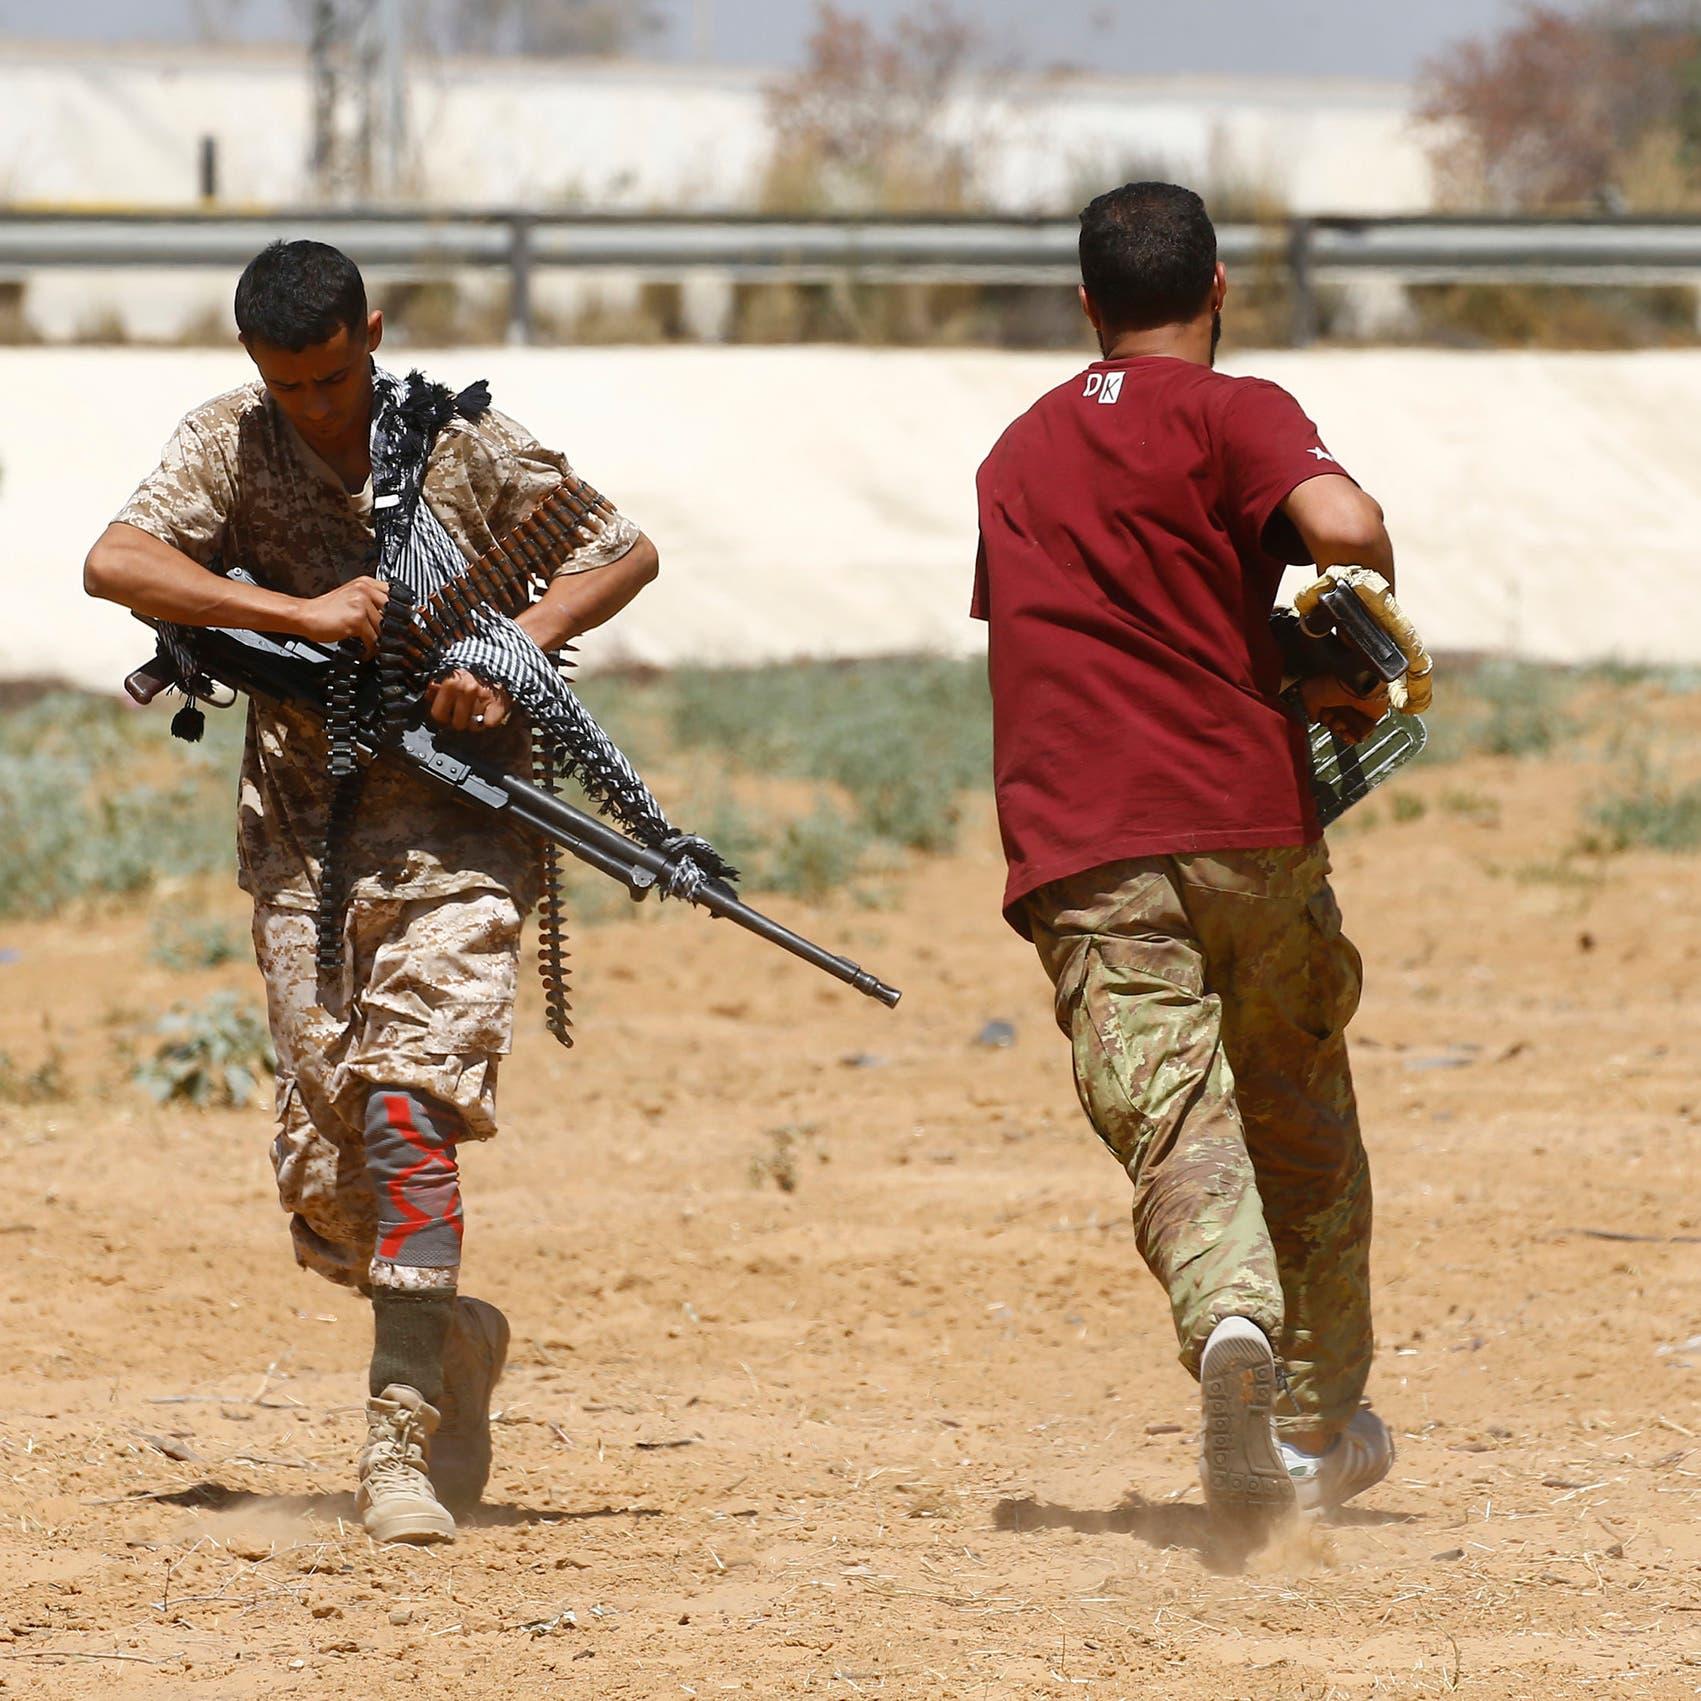 ليبيا.. قوات الوفاق تستعيد السيطرة على مدينة غريان